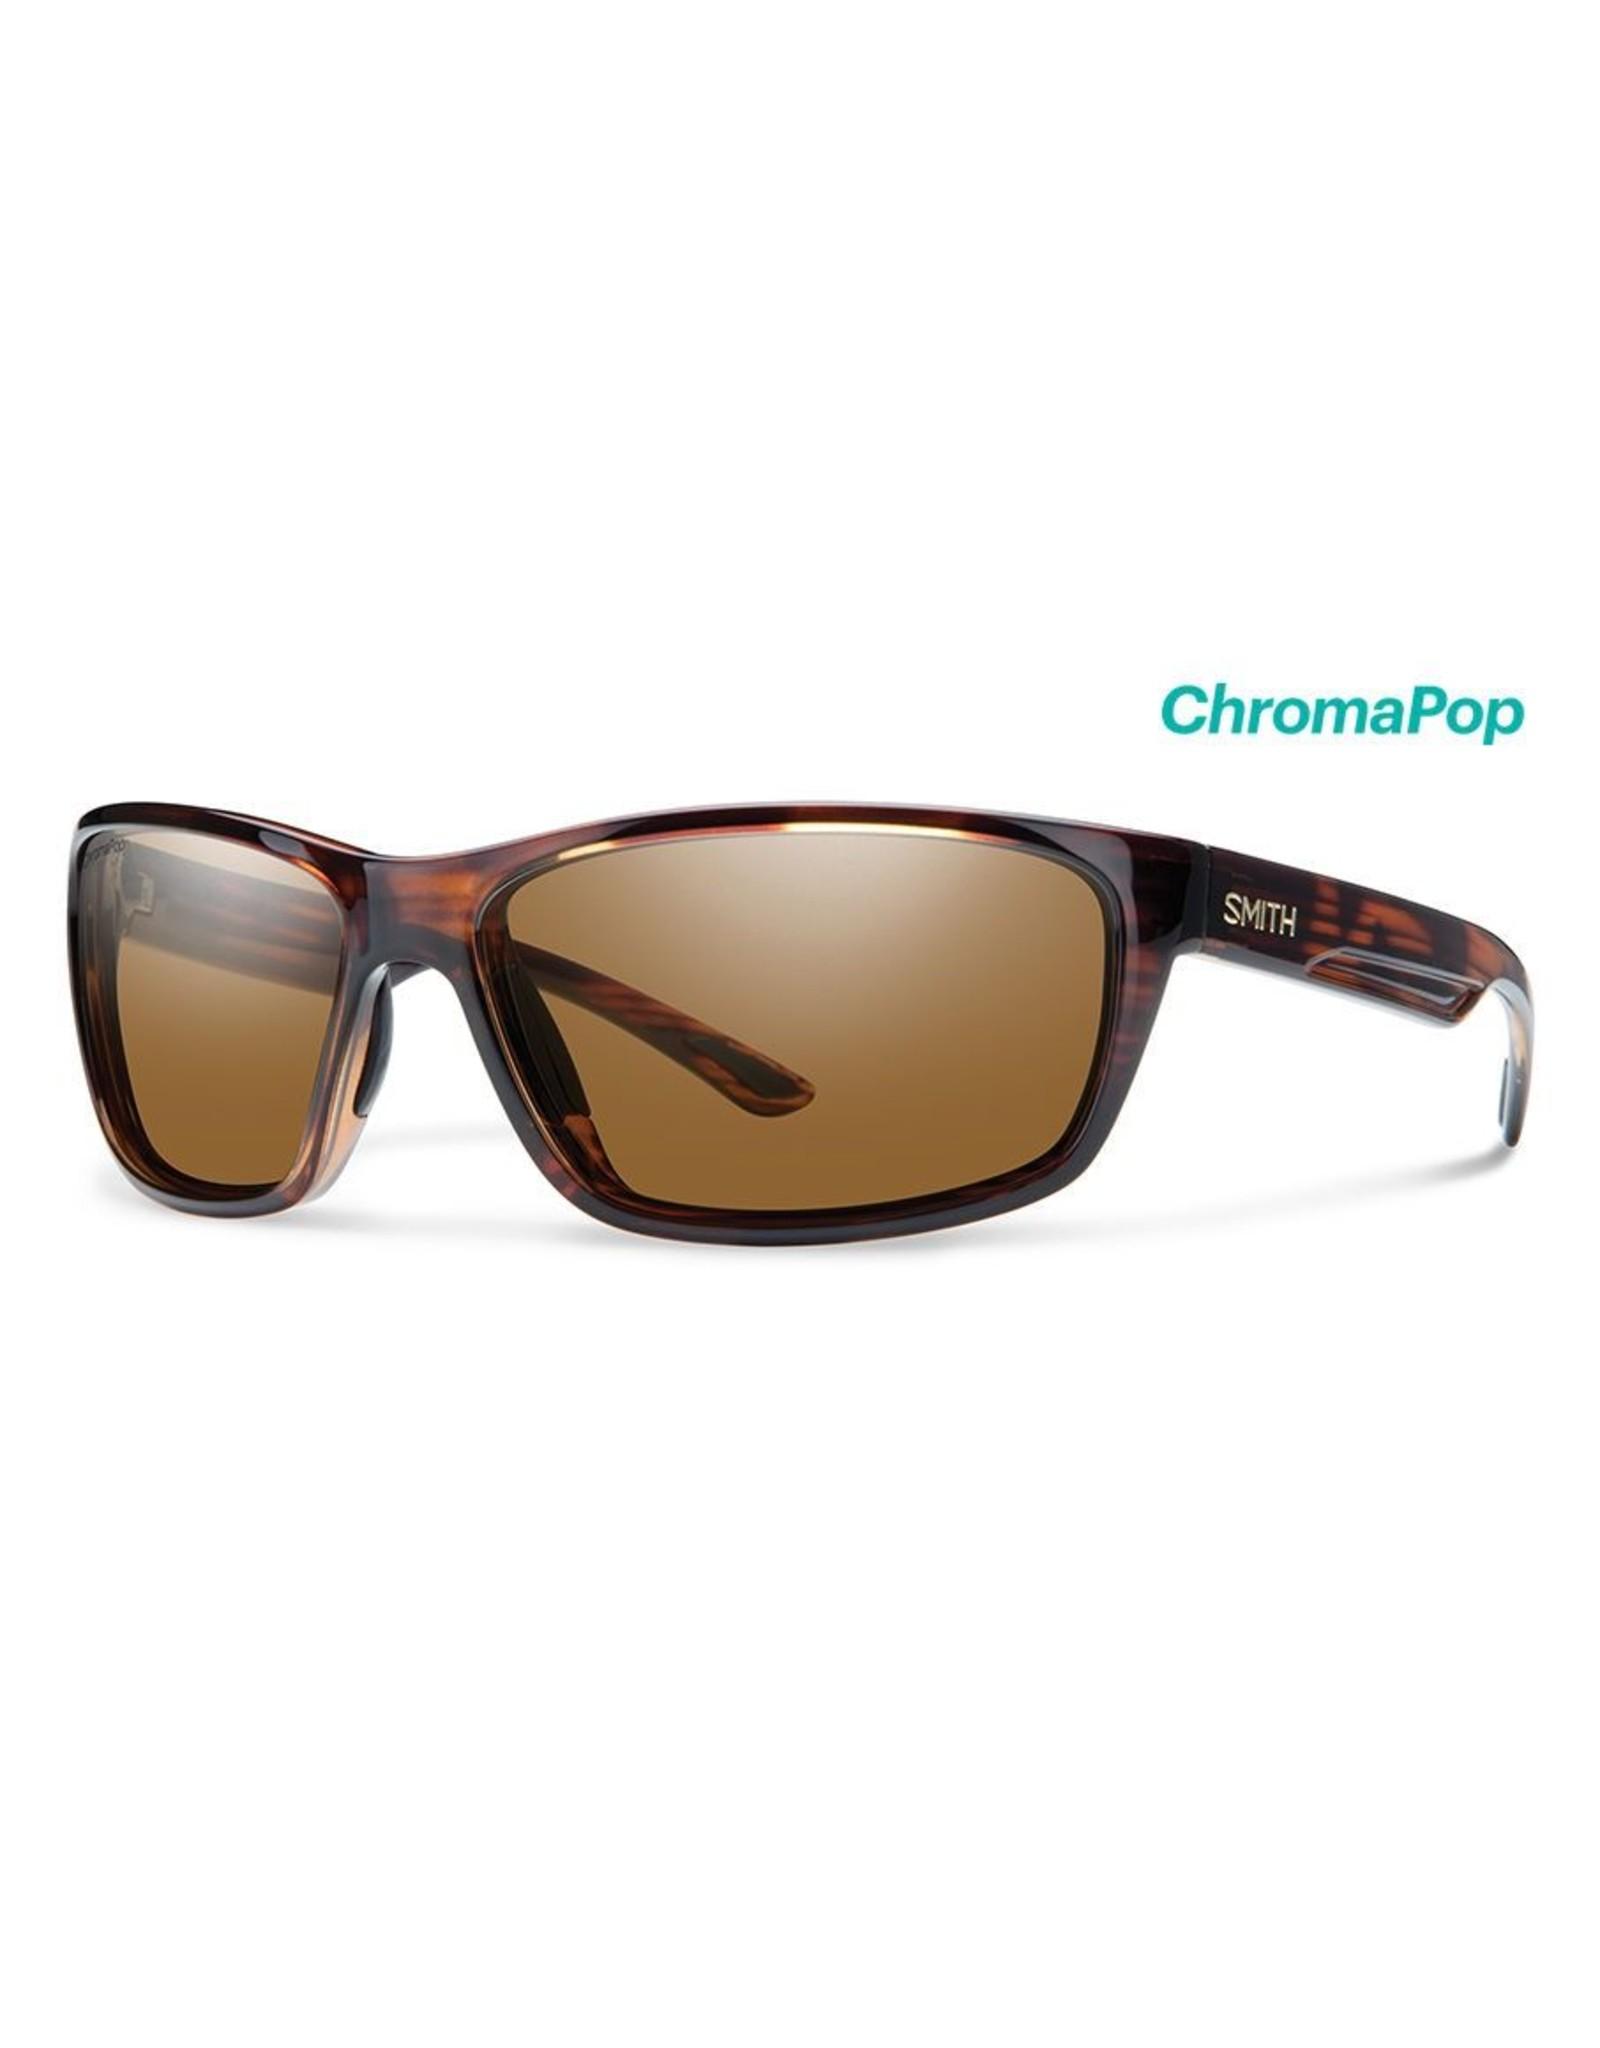 Smith Redmond Tortoise/ChromaPop Glass Polarized Brown